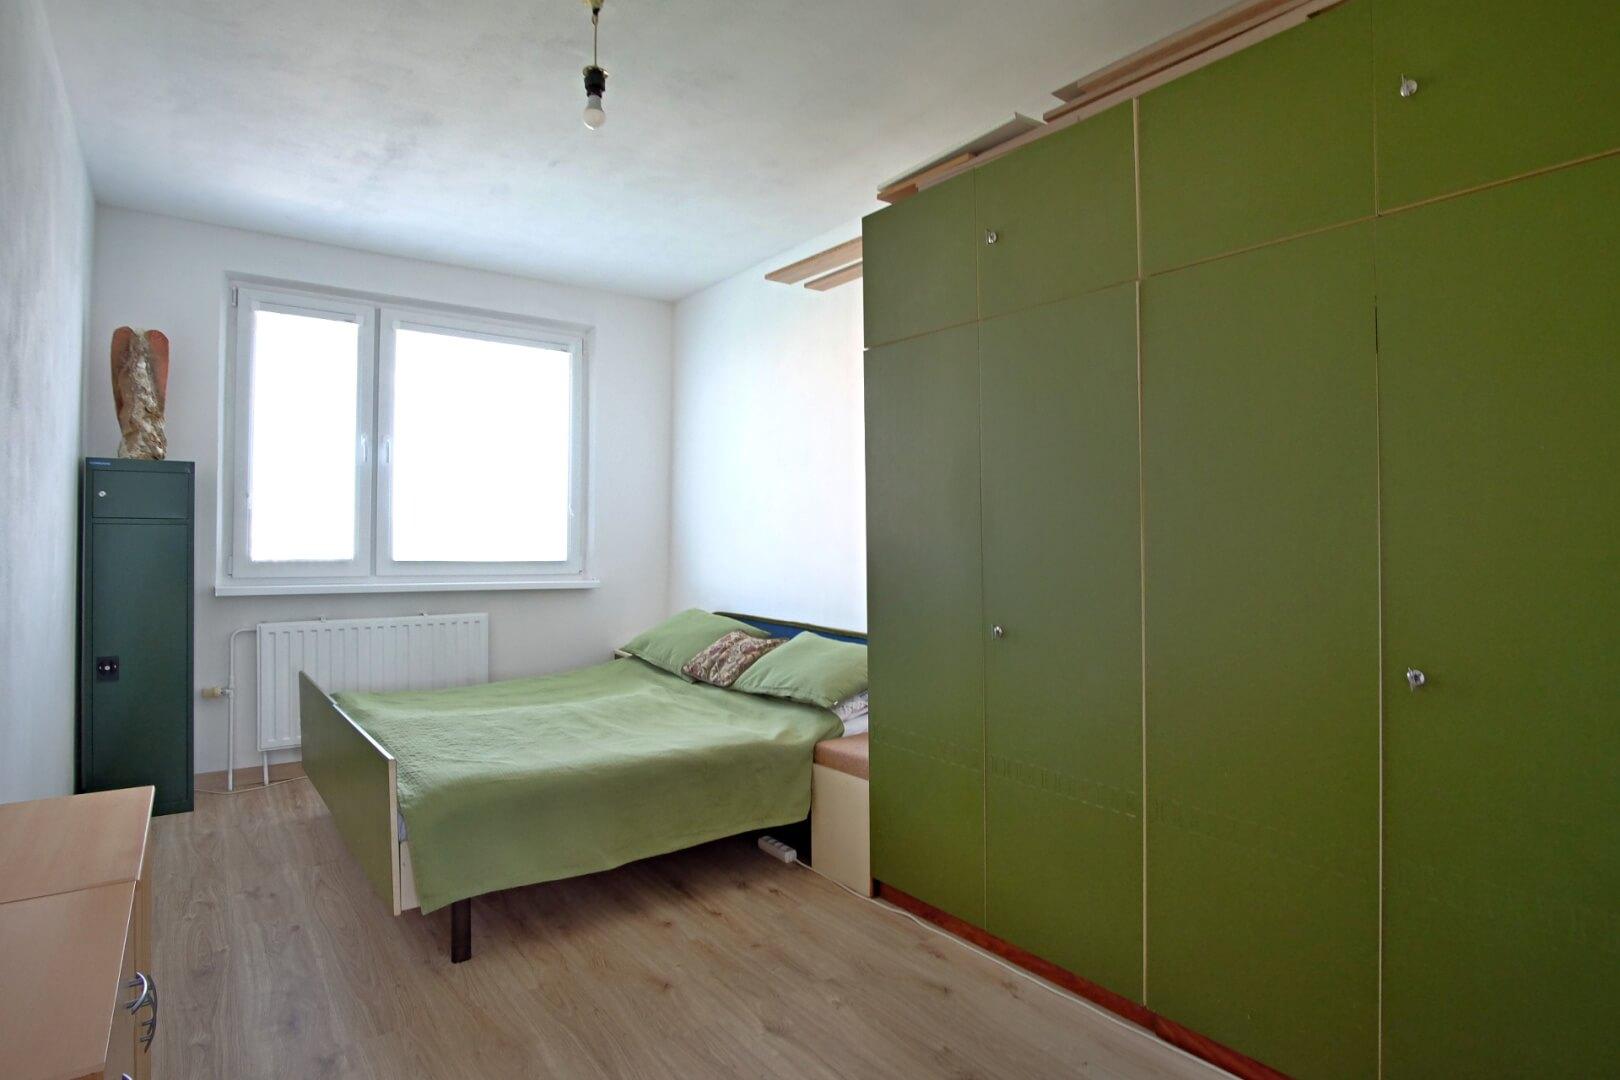 PREDANÉ – Na predaj príjemný 4 izbový byt v lokalite plnej zelene na Vyšehradskej ulici Bratislava- Petržalka.-7